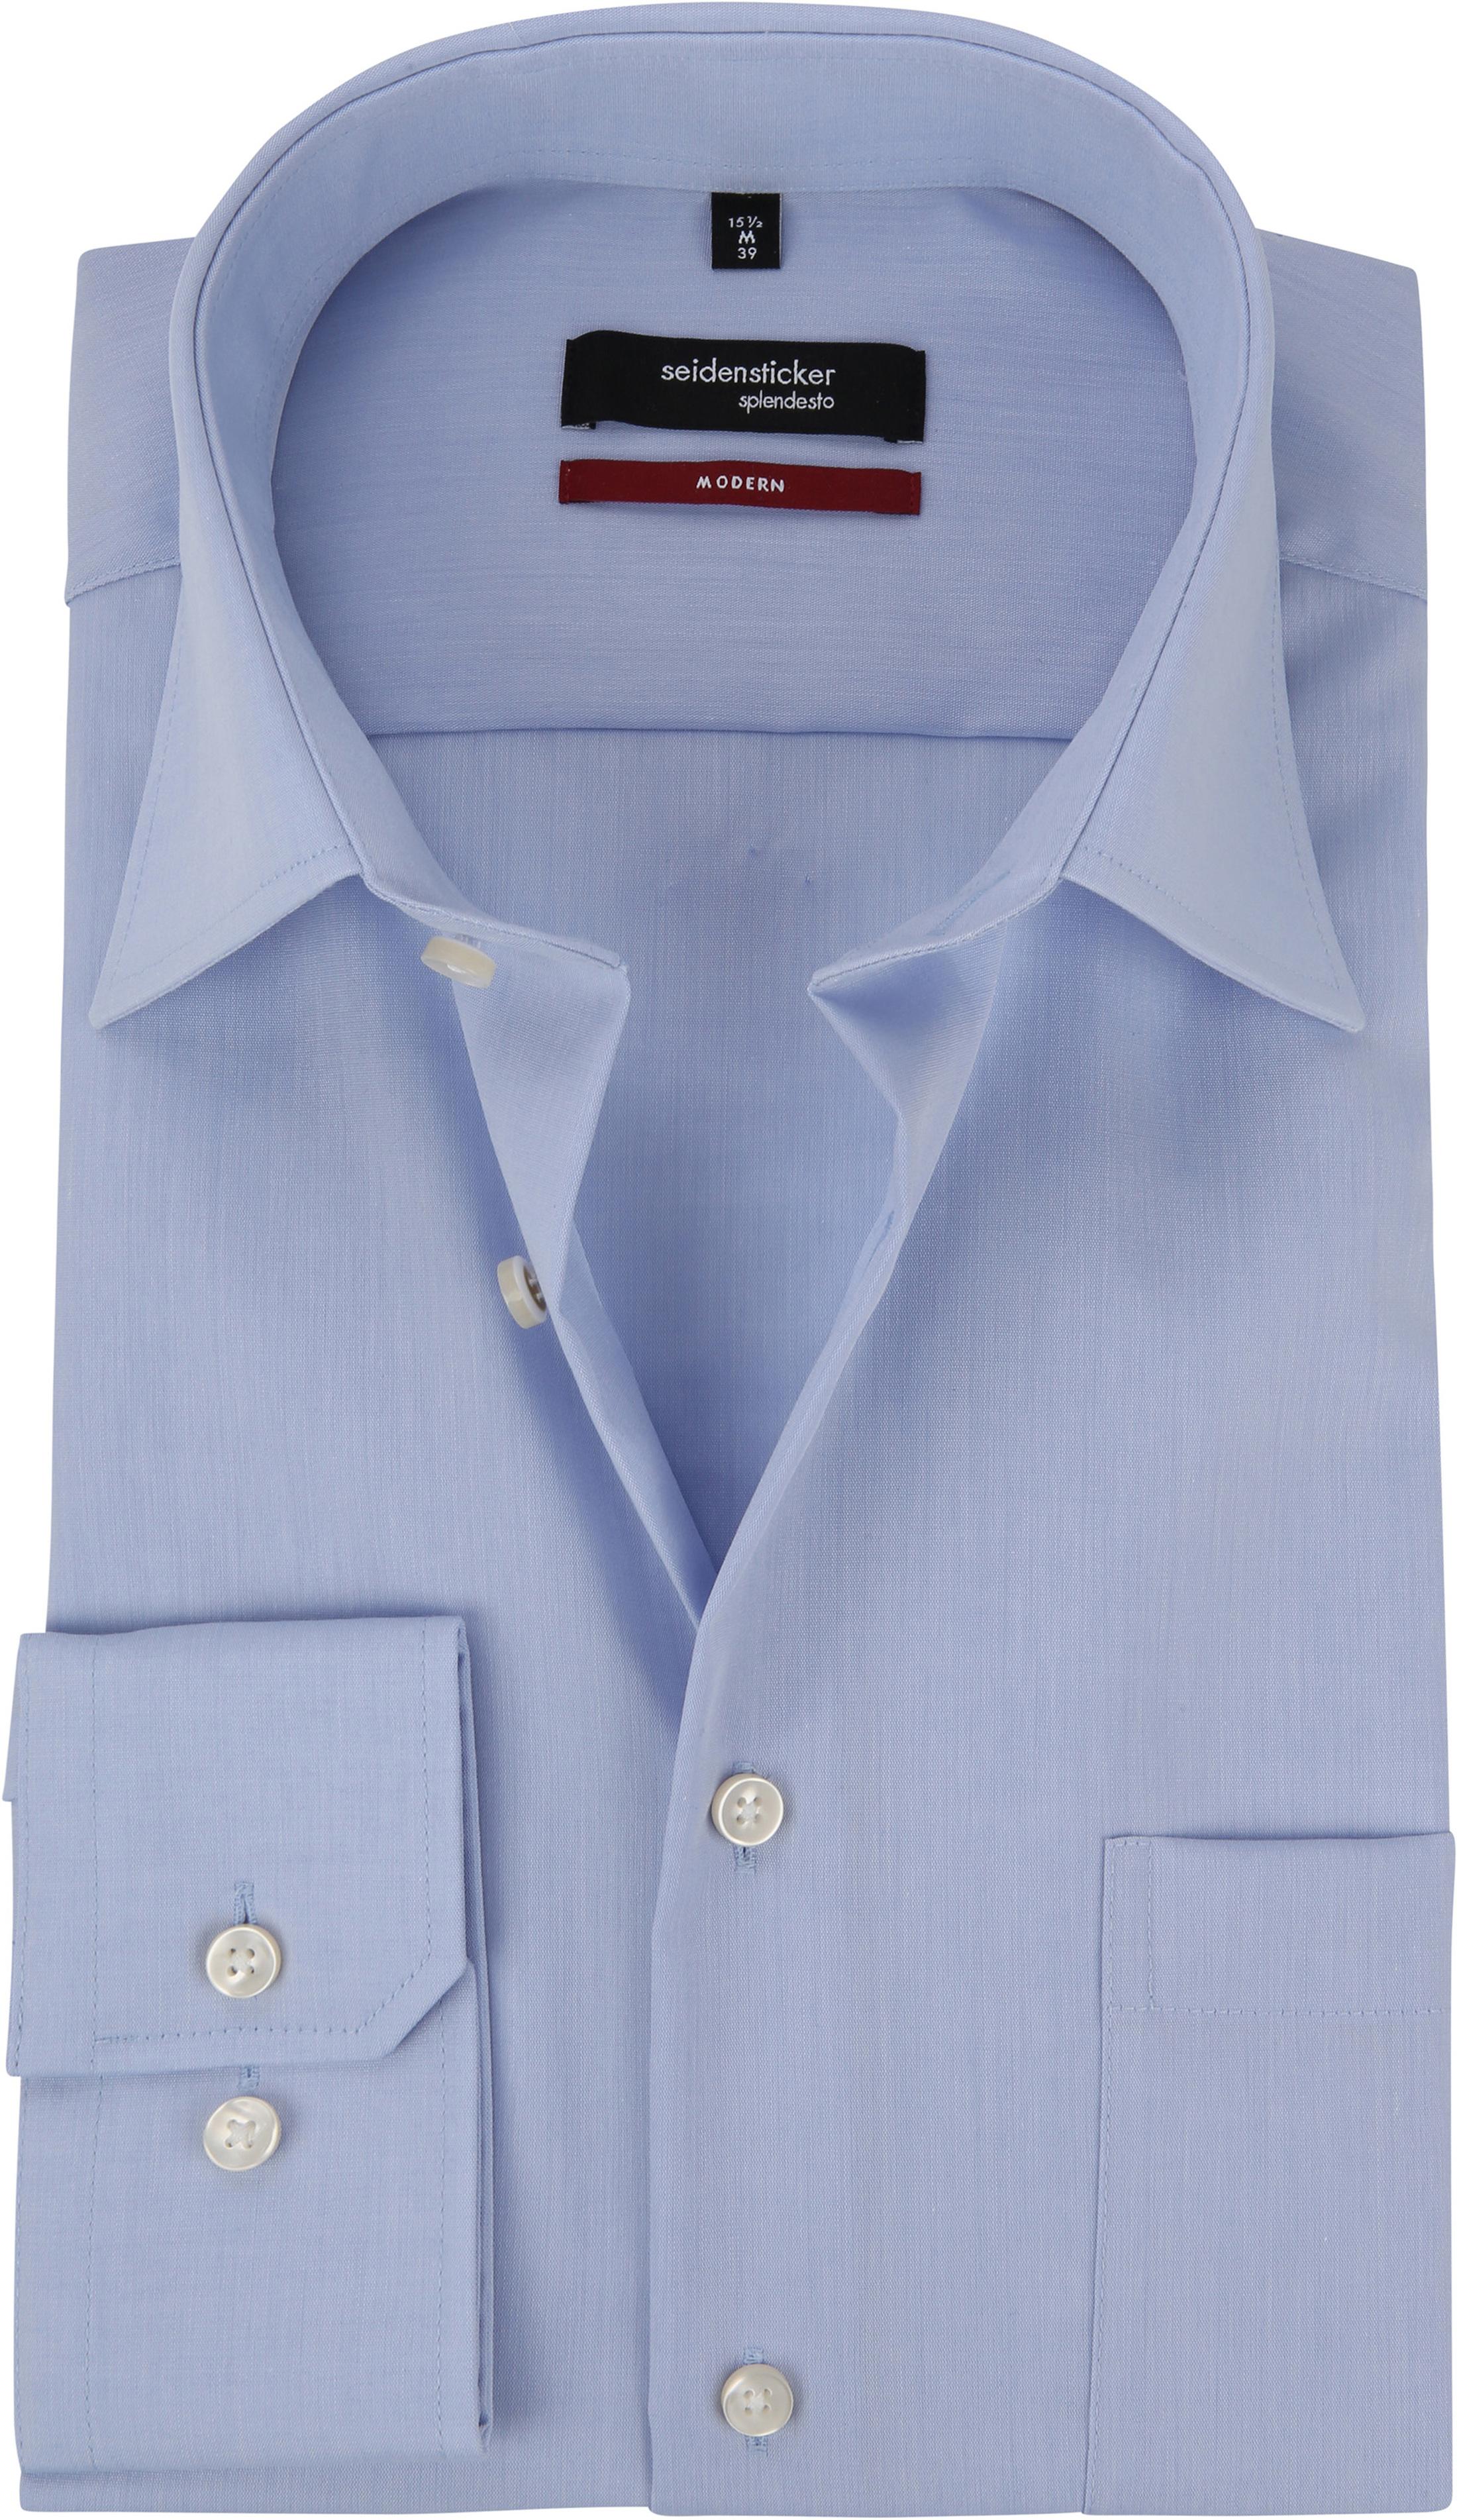 Seidensticker Strijkvrij Overhemd Lichtblauw foto 0